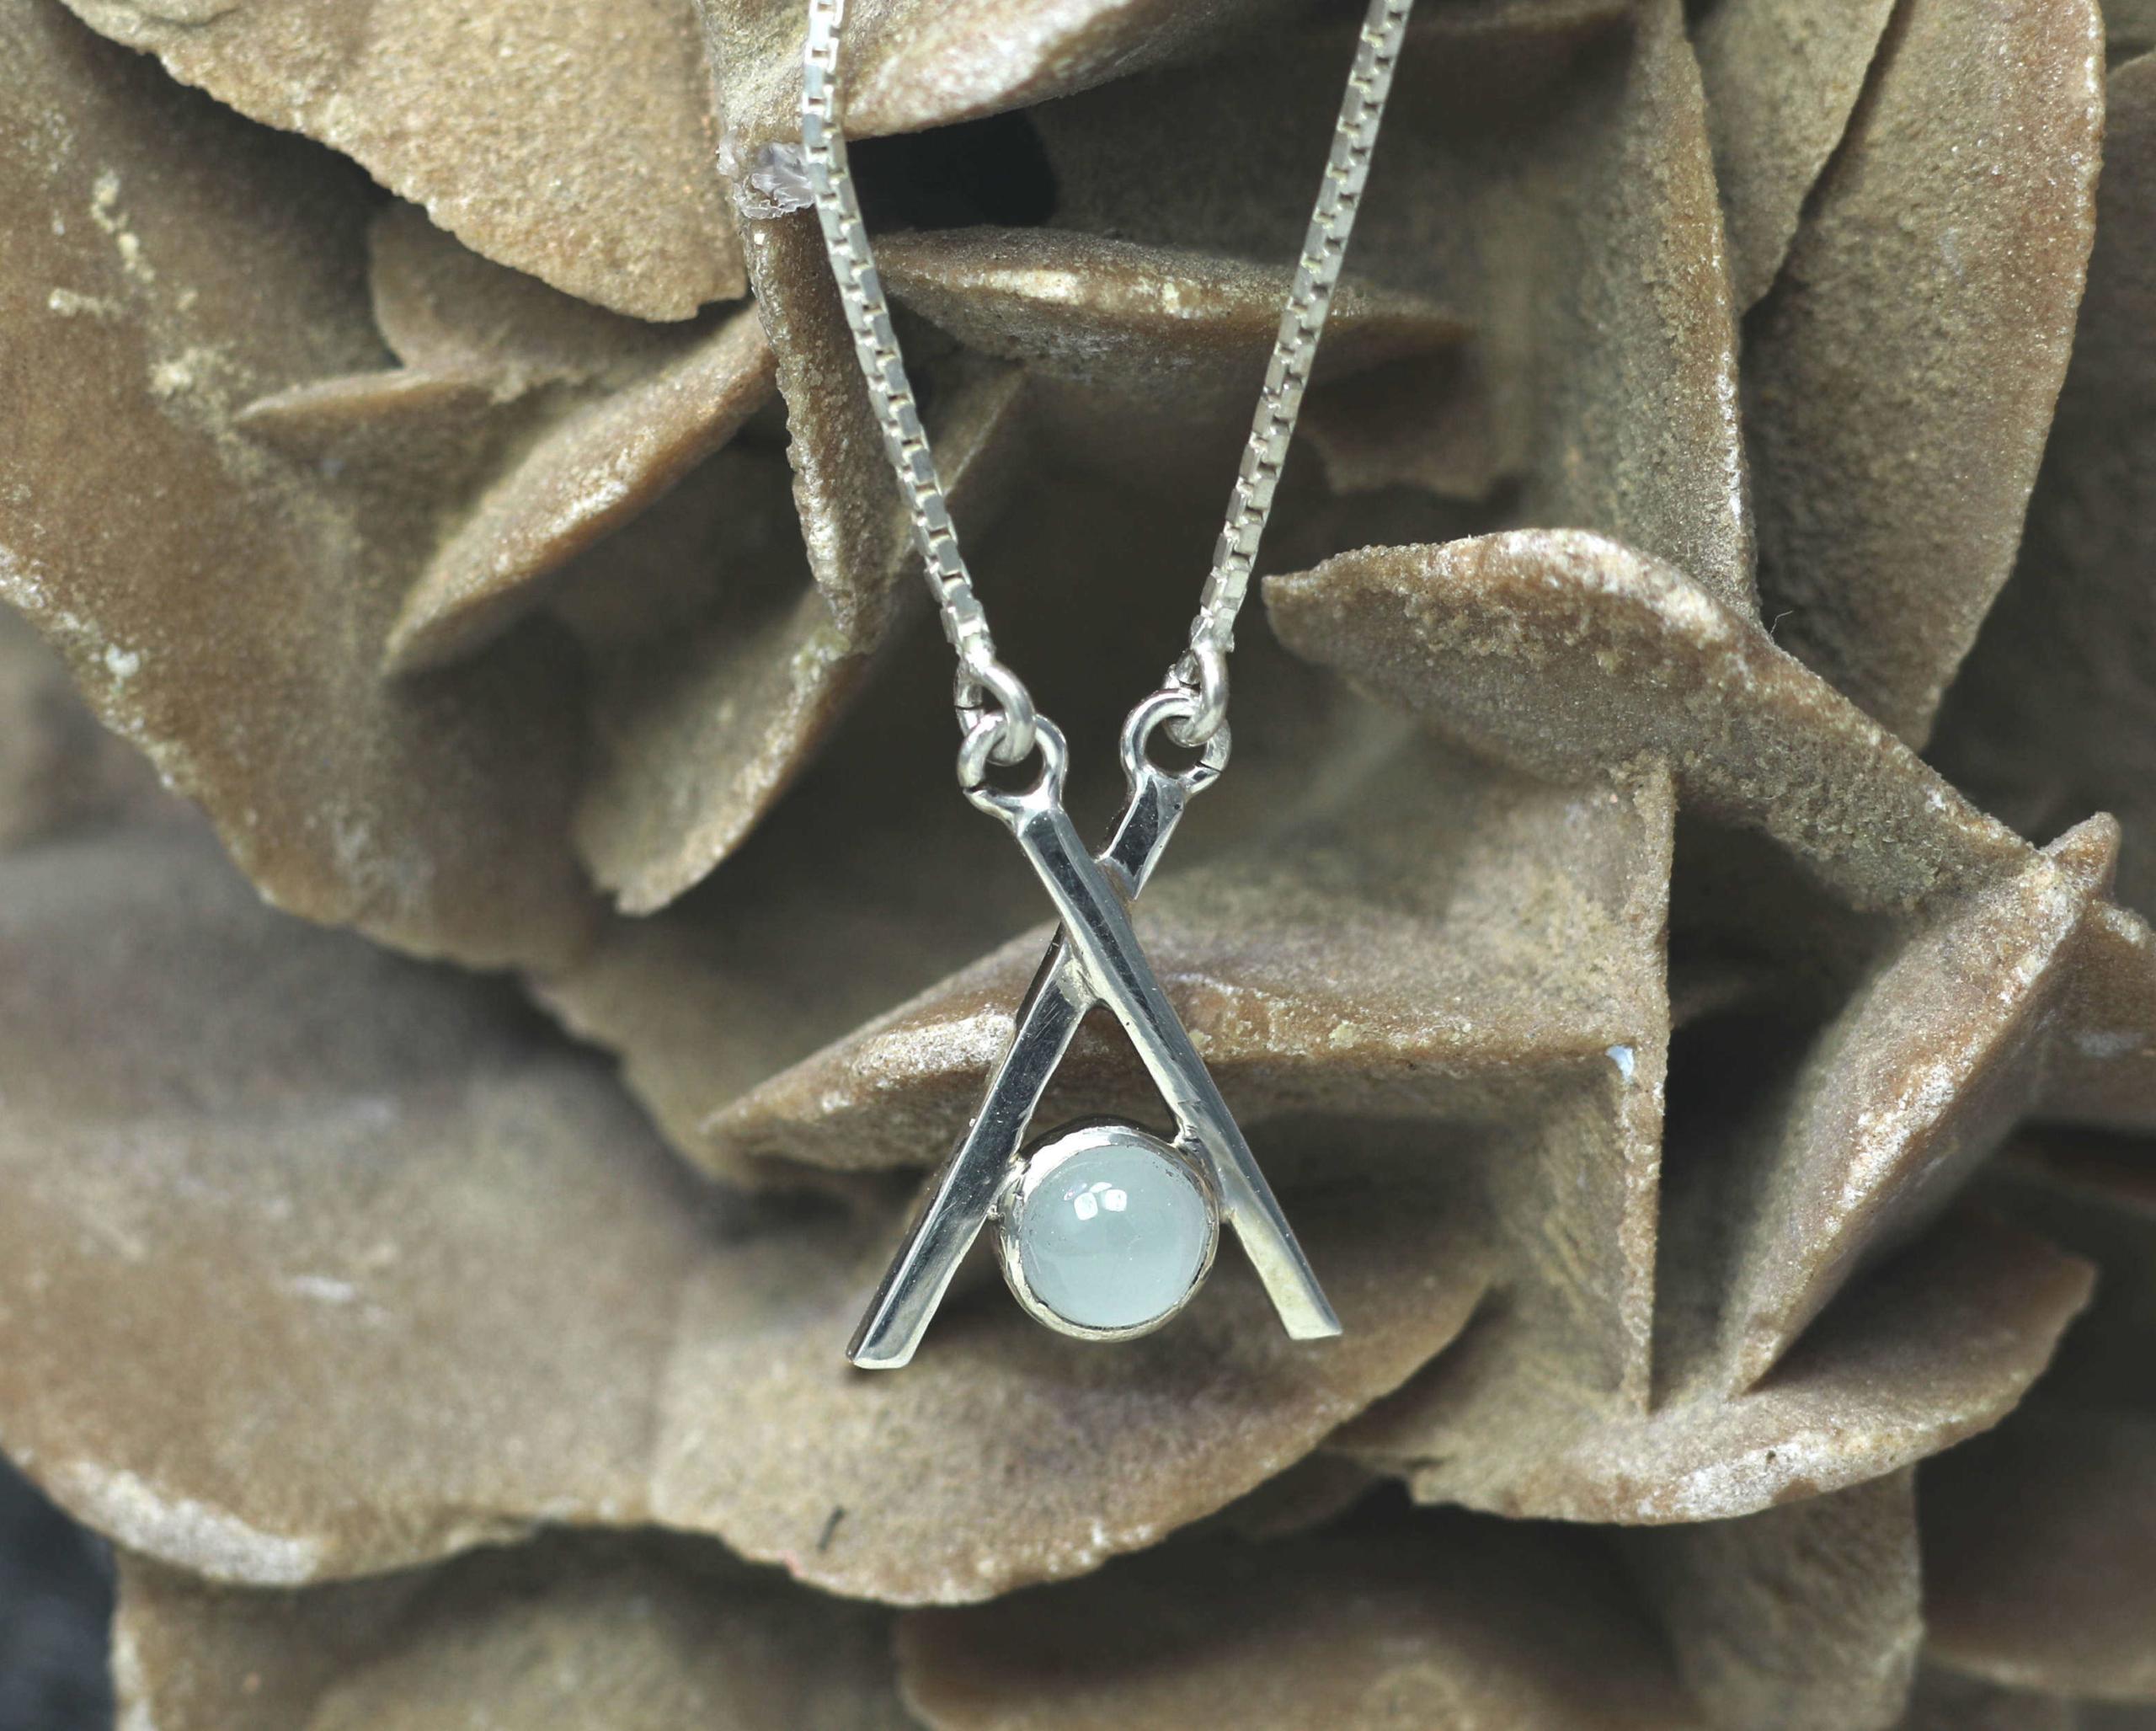 Ketting Silky Aquamarijn en zilver: handgemaakt door LYAM edelsmeden, bijzonder vormgegeven, uniek.